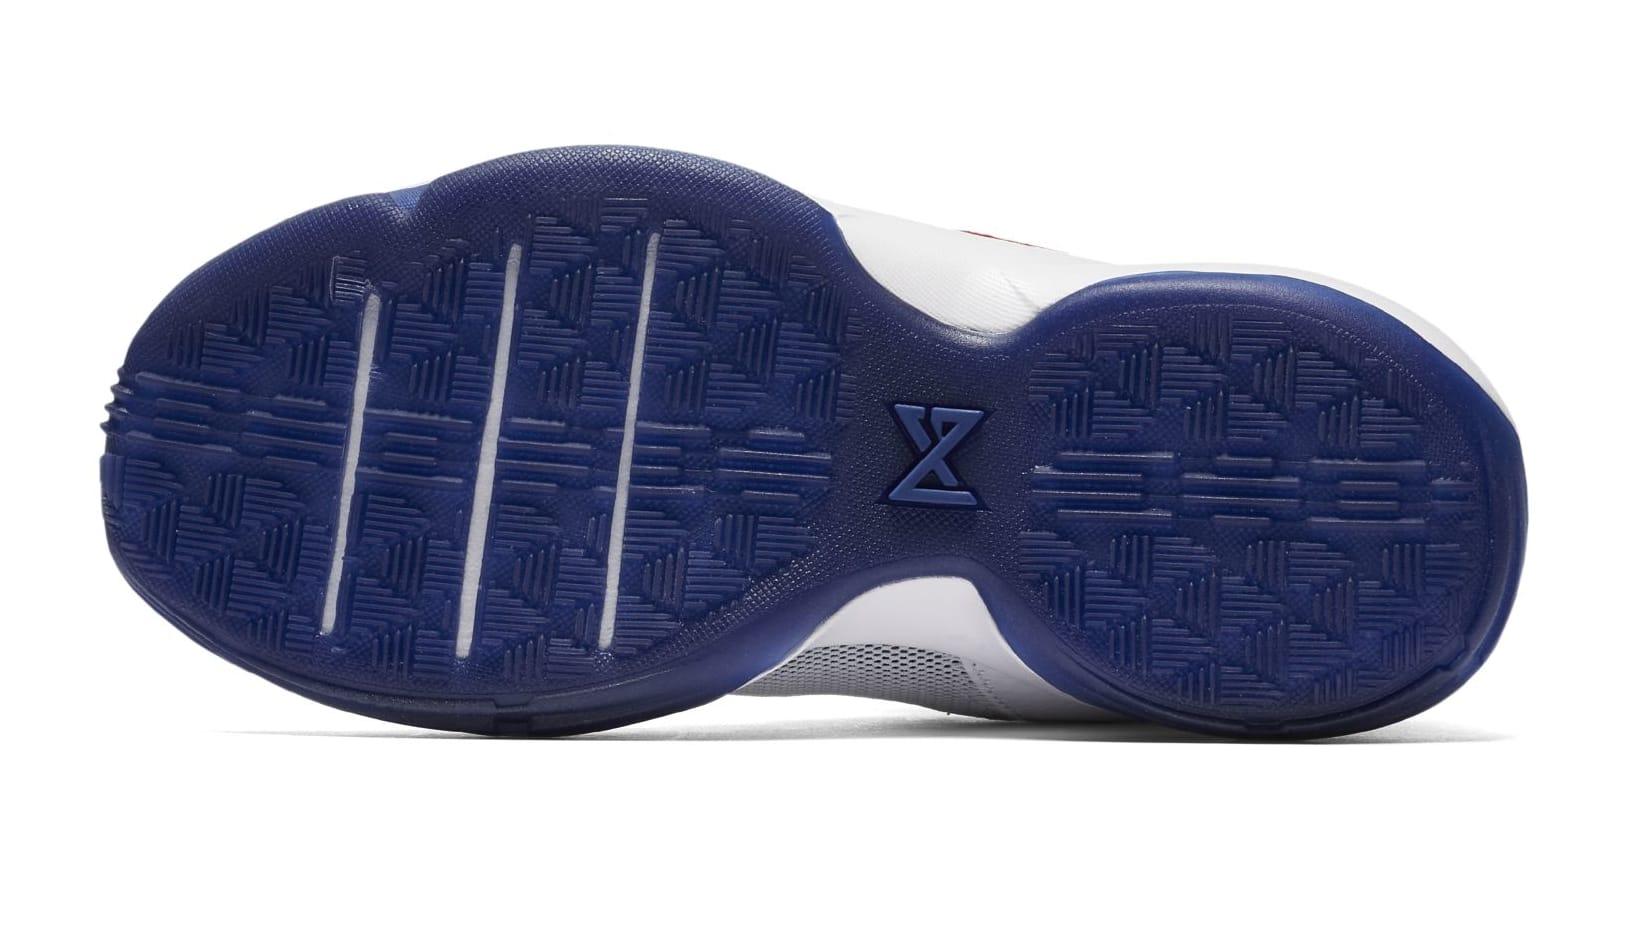 Nike PG 1 GS White/University Red-Deep Royal Blue (Bottom)